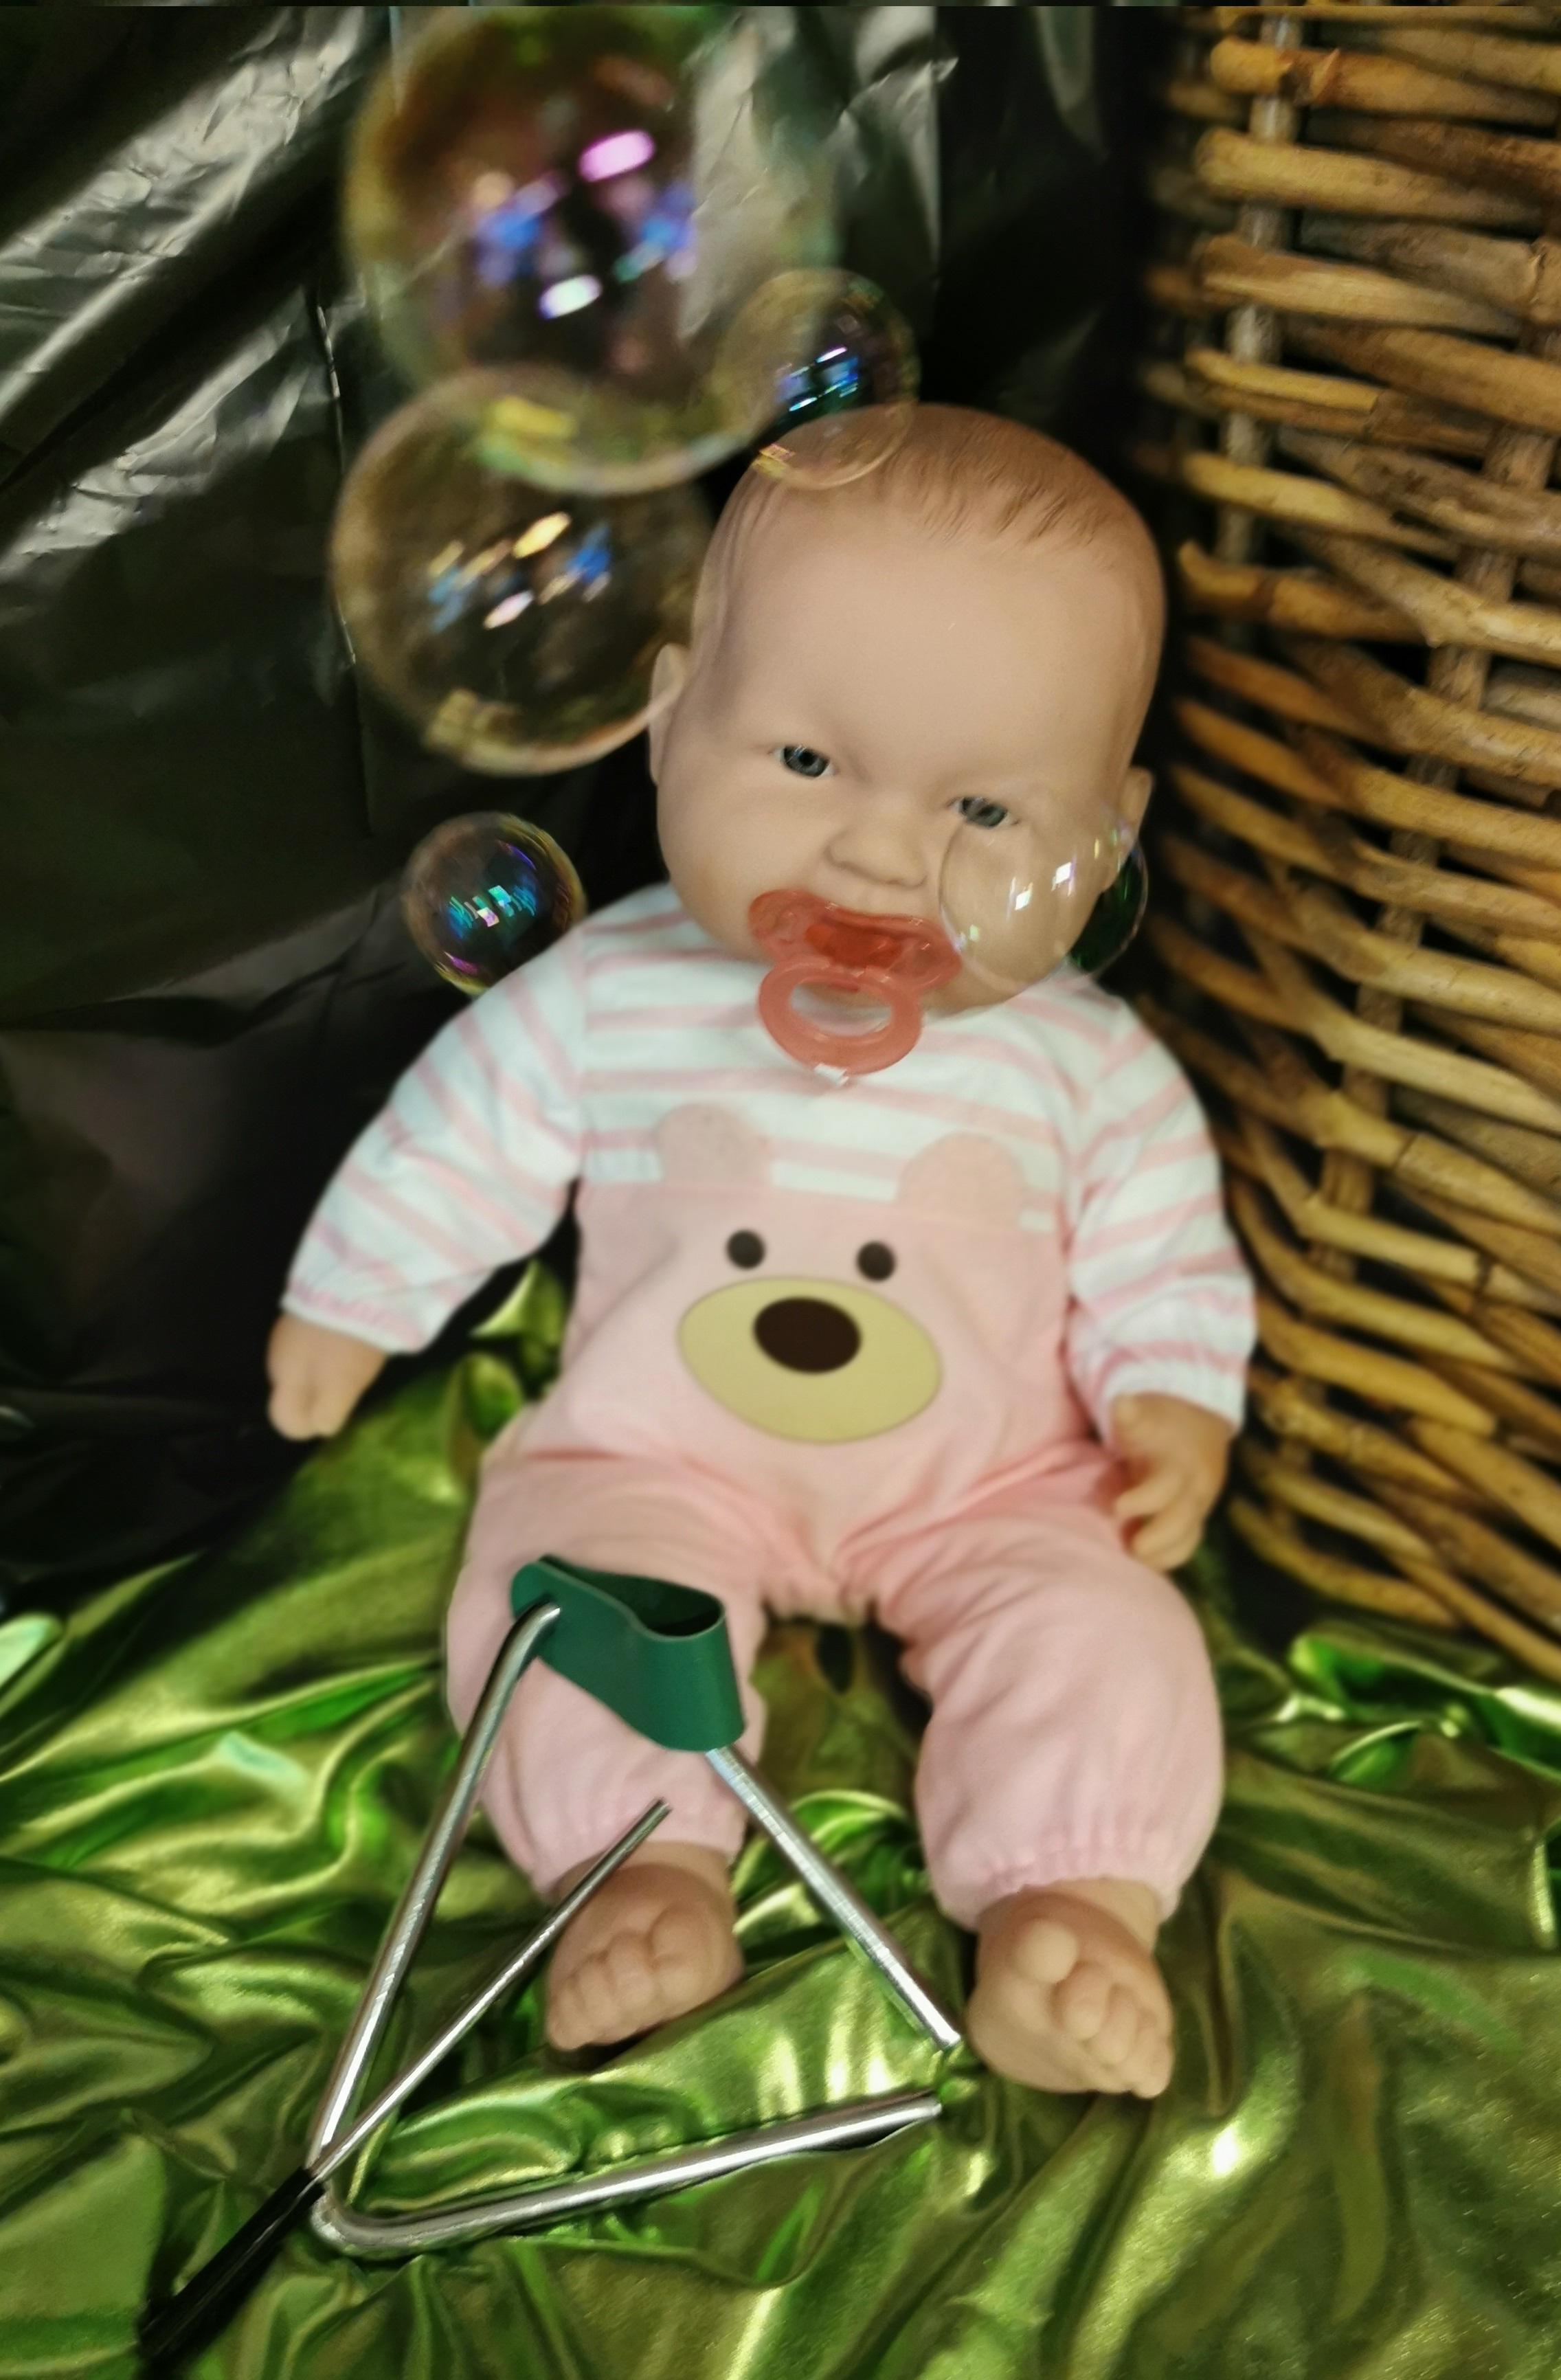 Linkki tapahtumaan Vauvatreffit Perhetalo Betaniassa